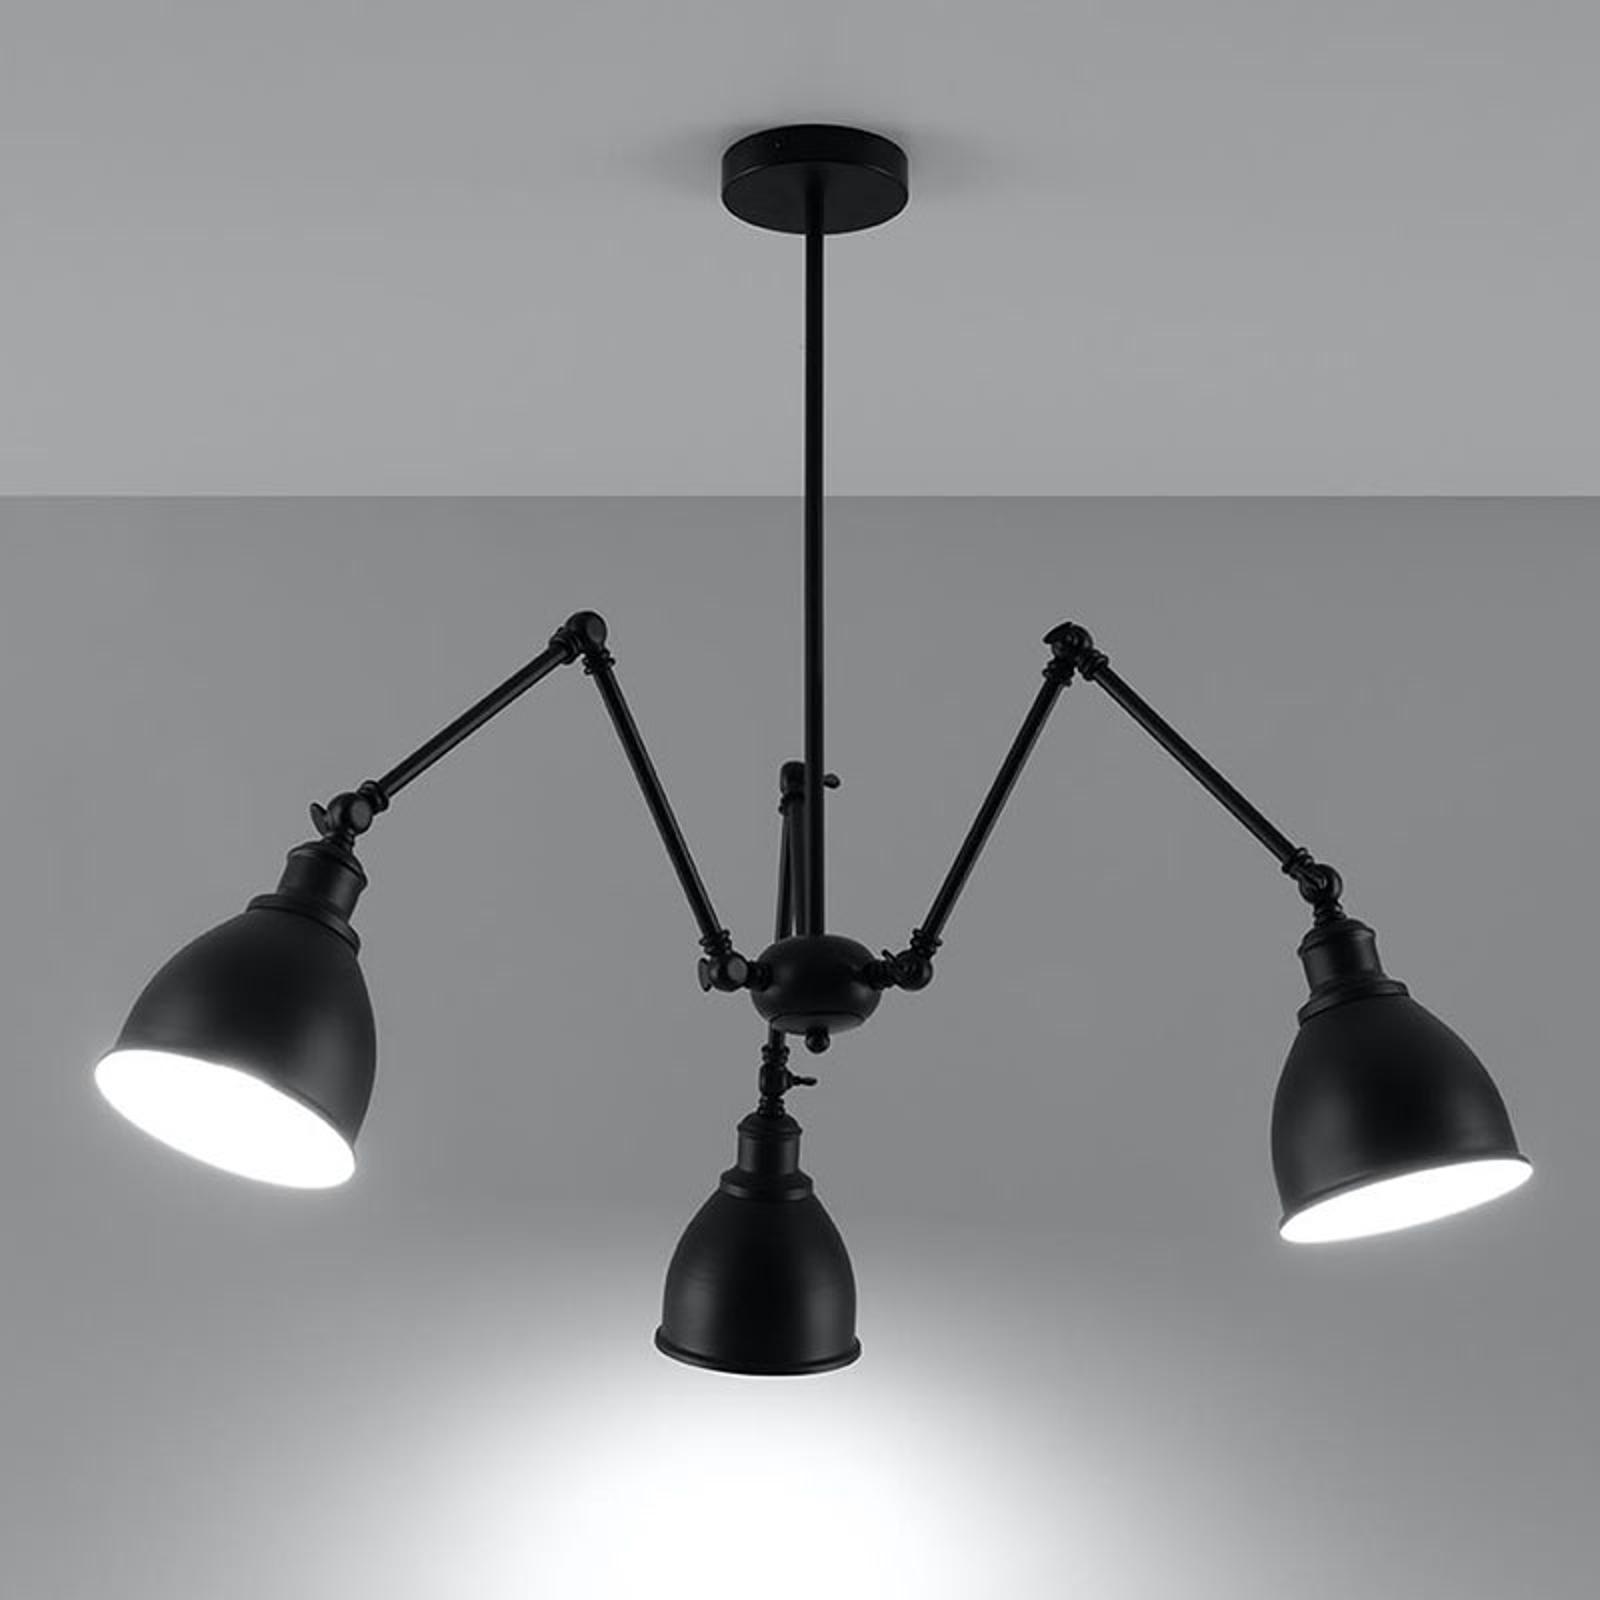 Loki hængelampe med flere led, 3 lyskilder